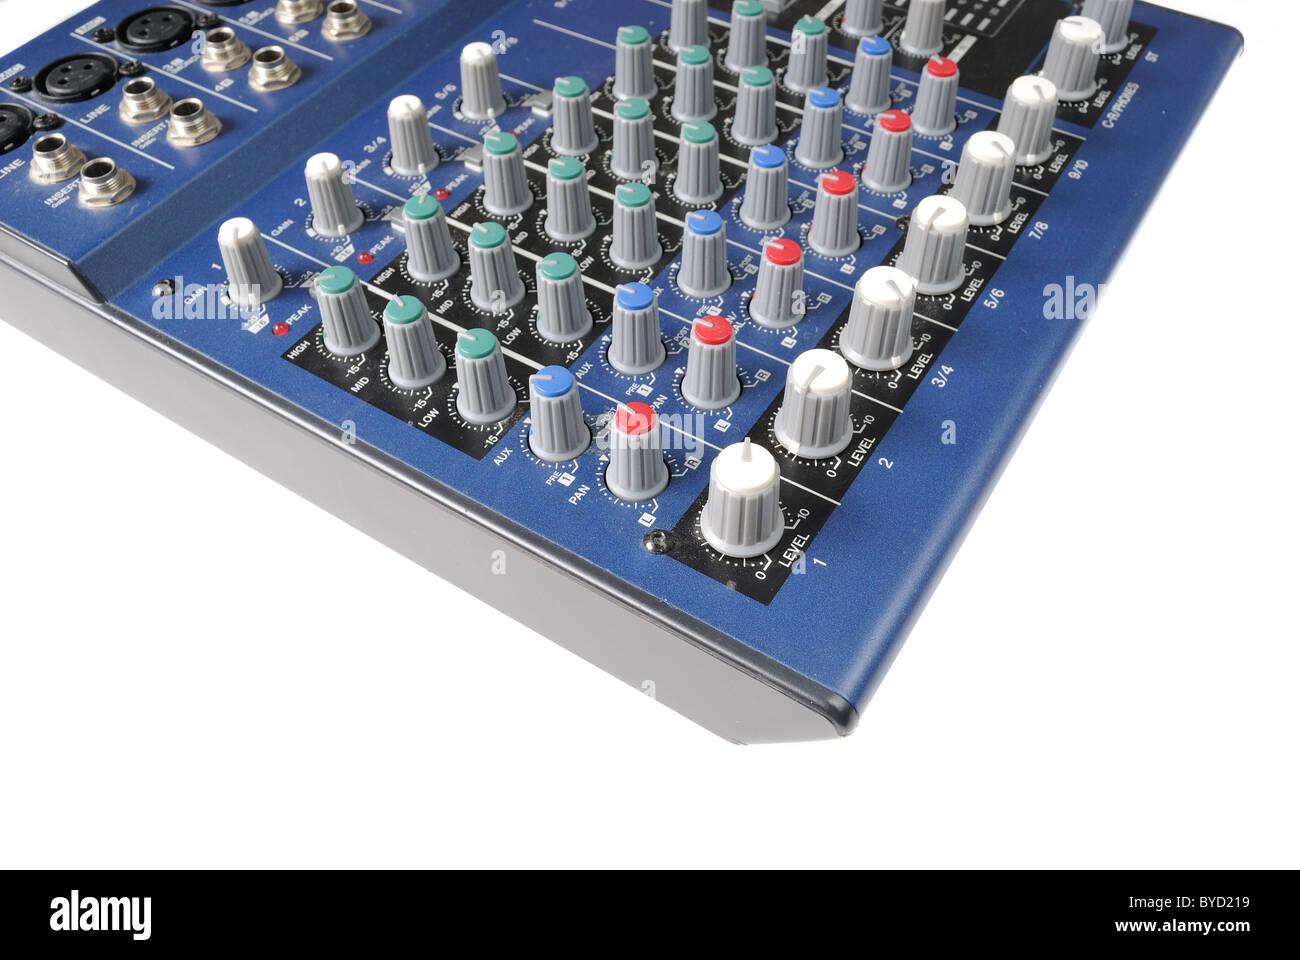 Une table de mixage sur un préampli pour amplifier le signal audio. Photo Stock